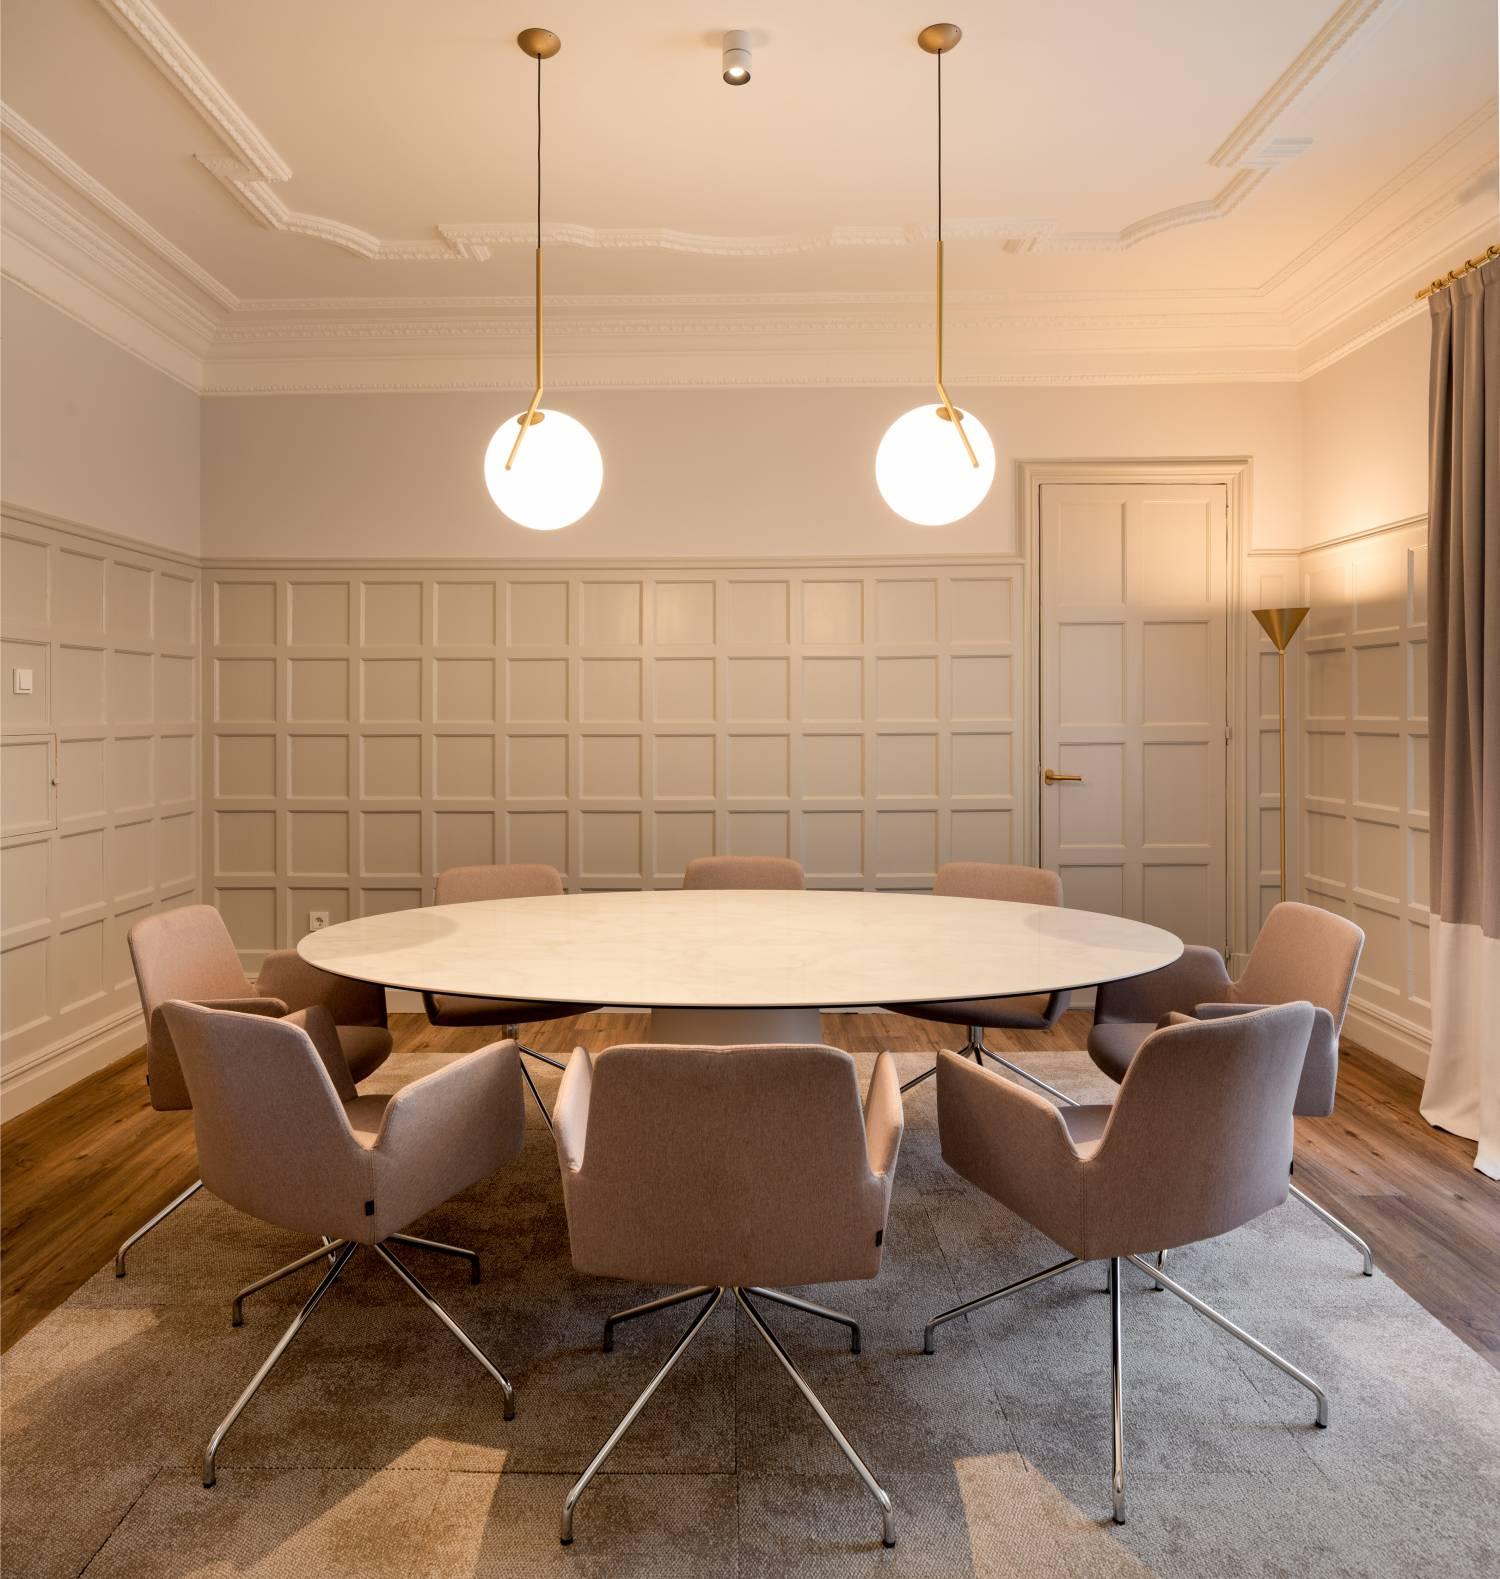 Momocca, mobiliario de diseño: interiorismo en una notaría en Bilbao 2